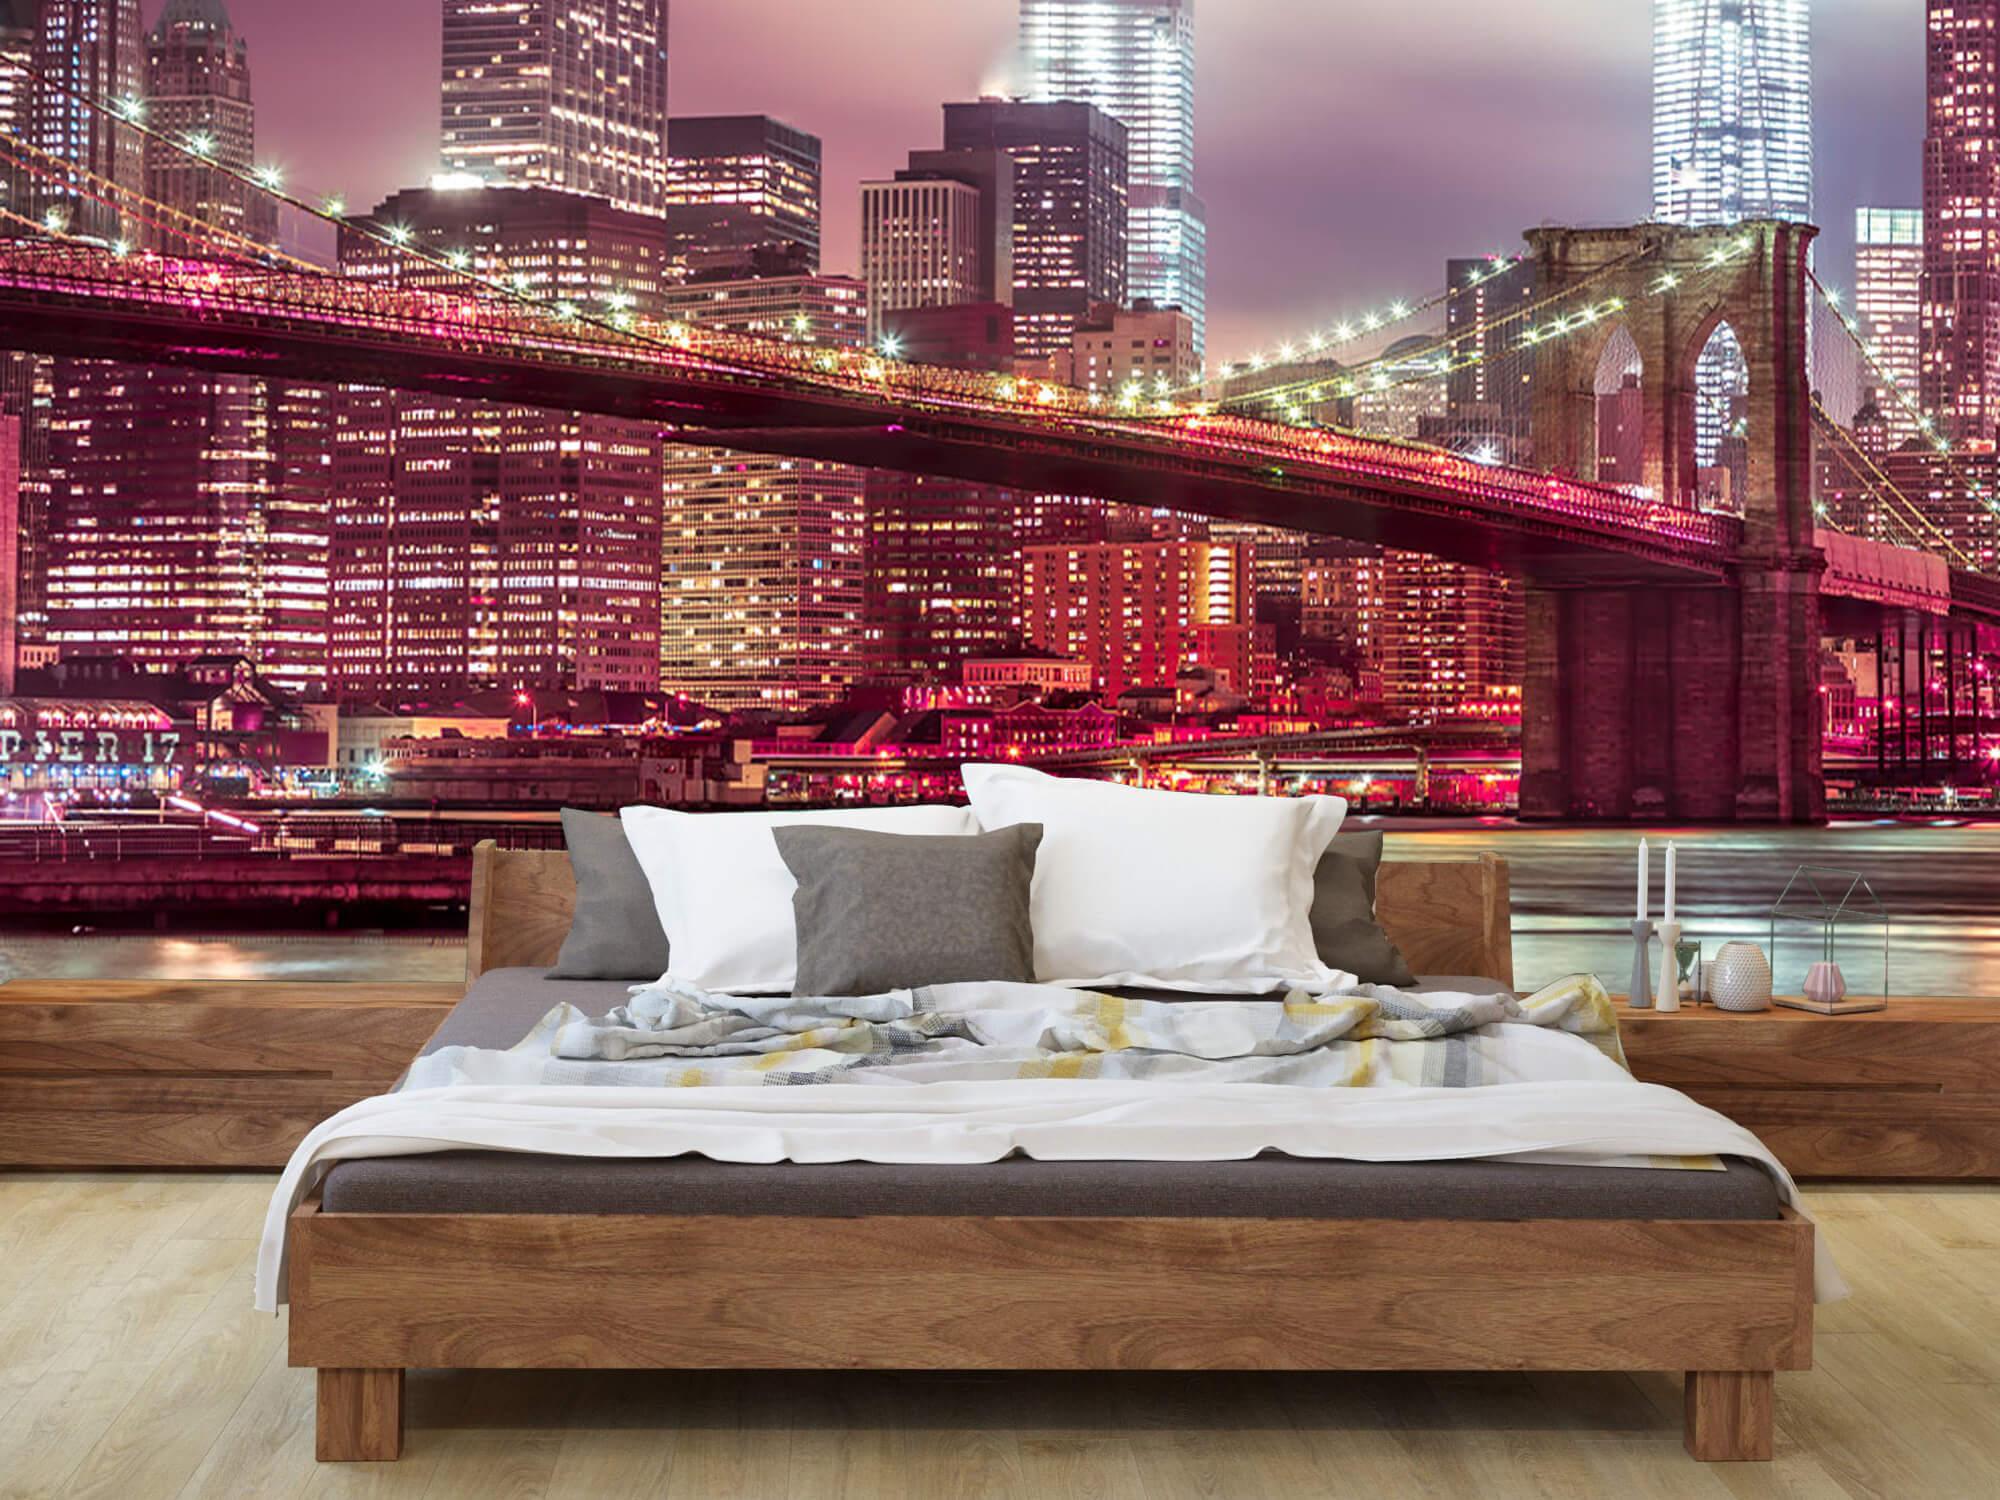 Kväll på Manhattan 11